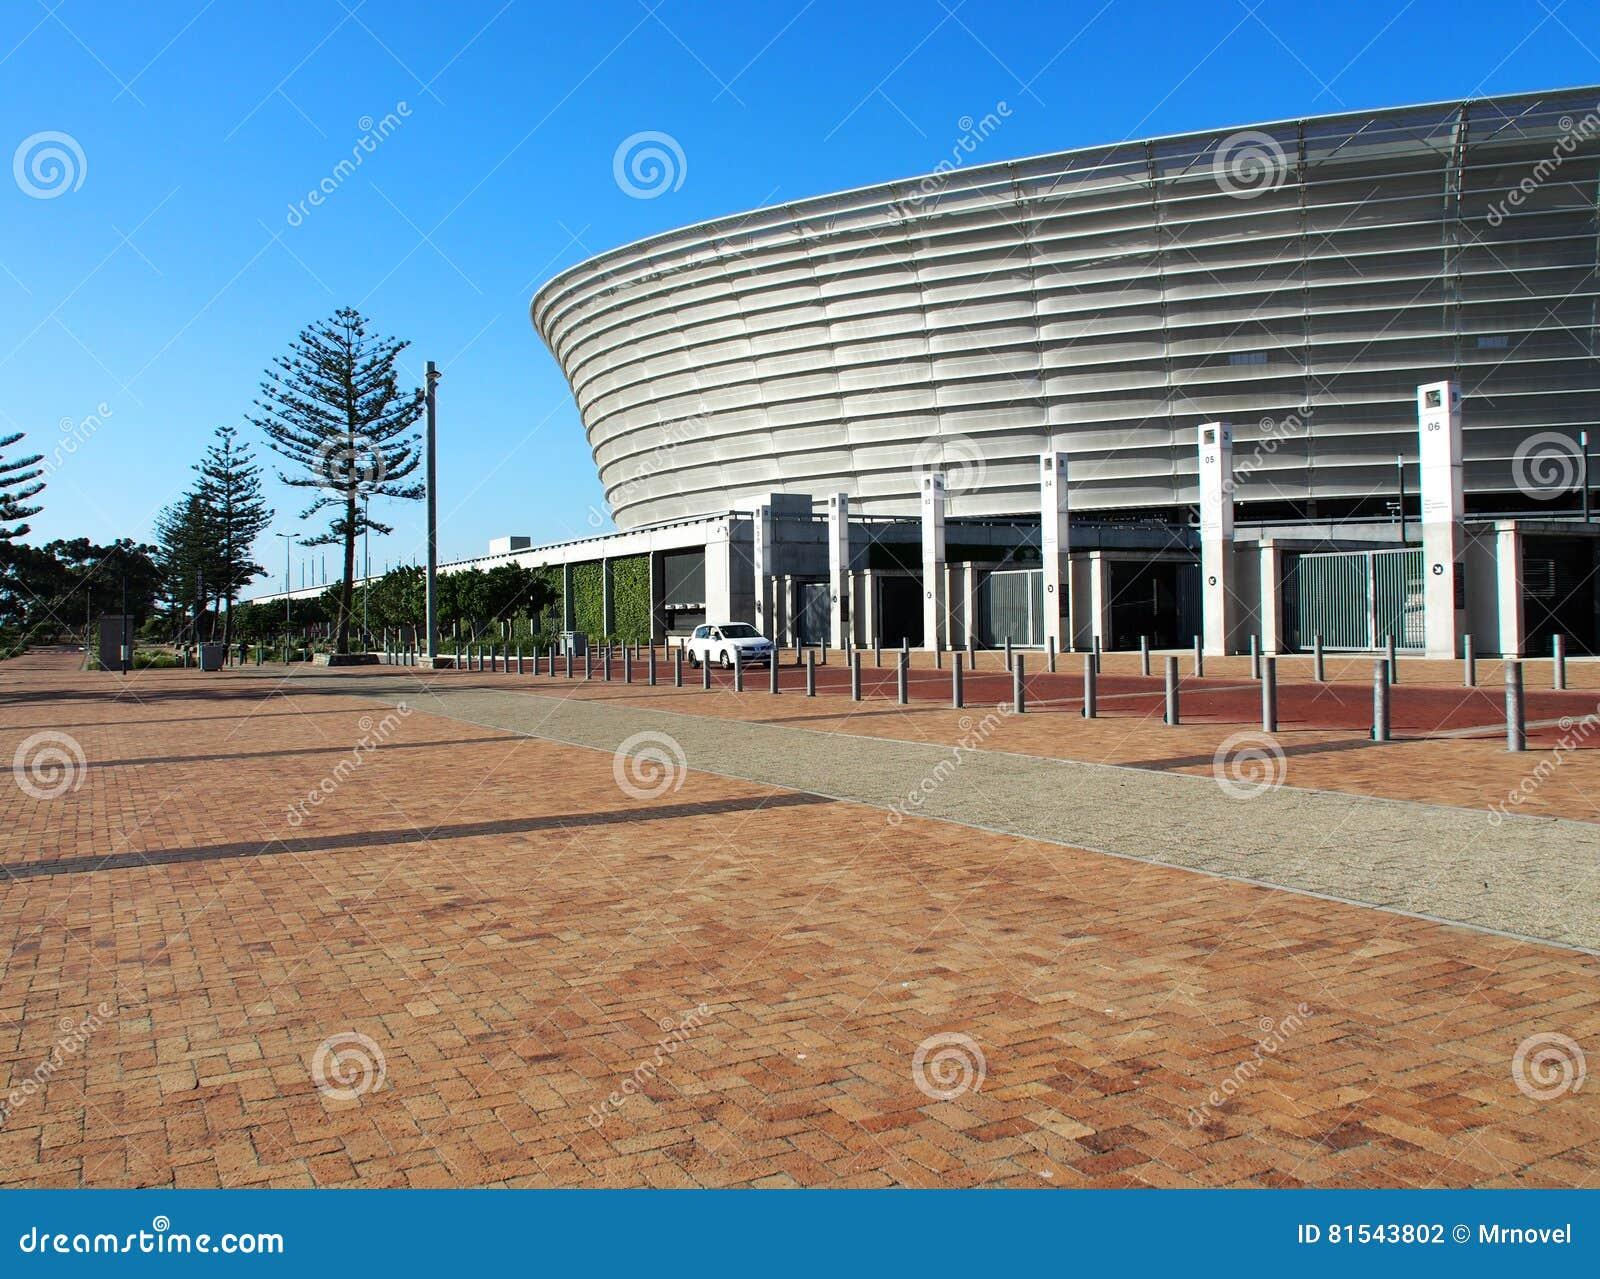 Kapsztad stadium